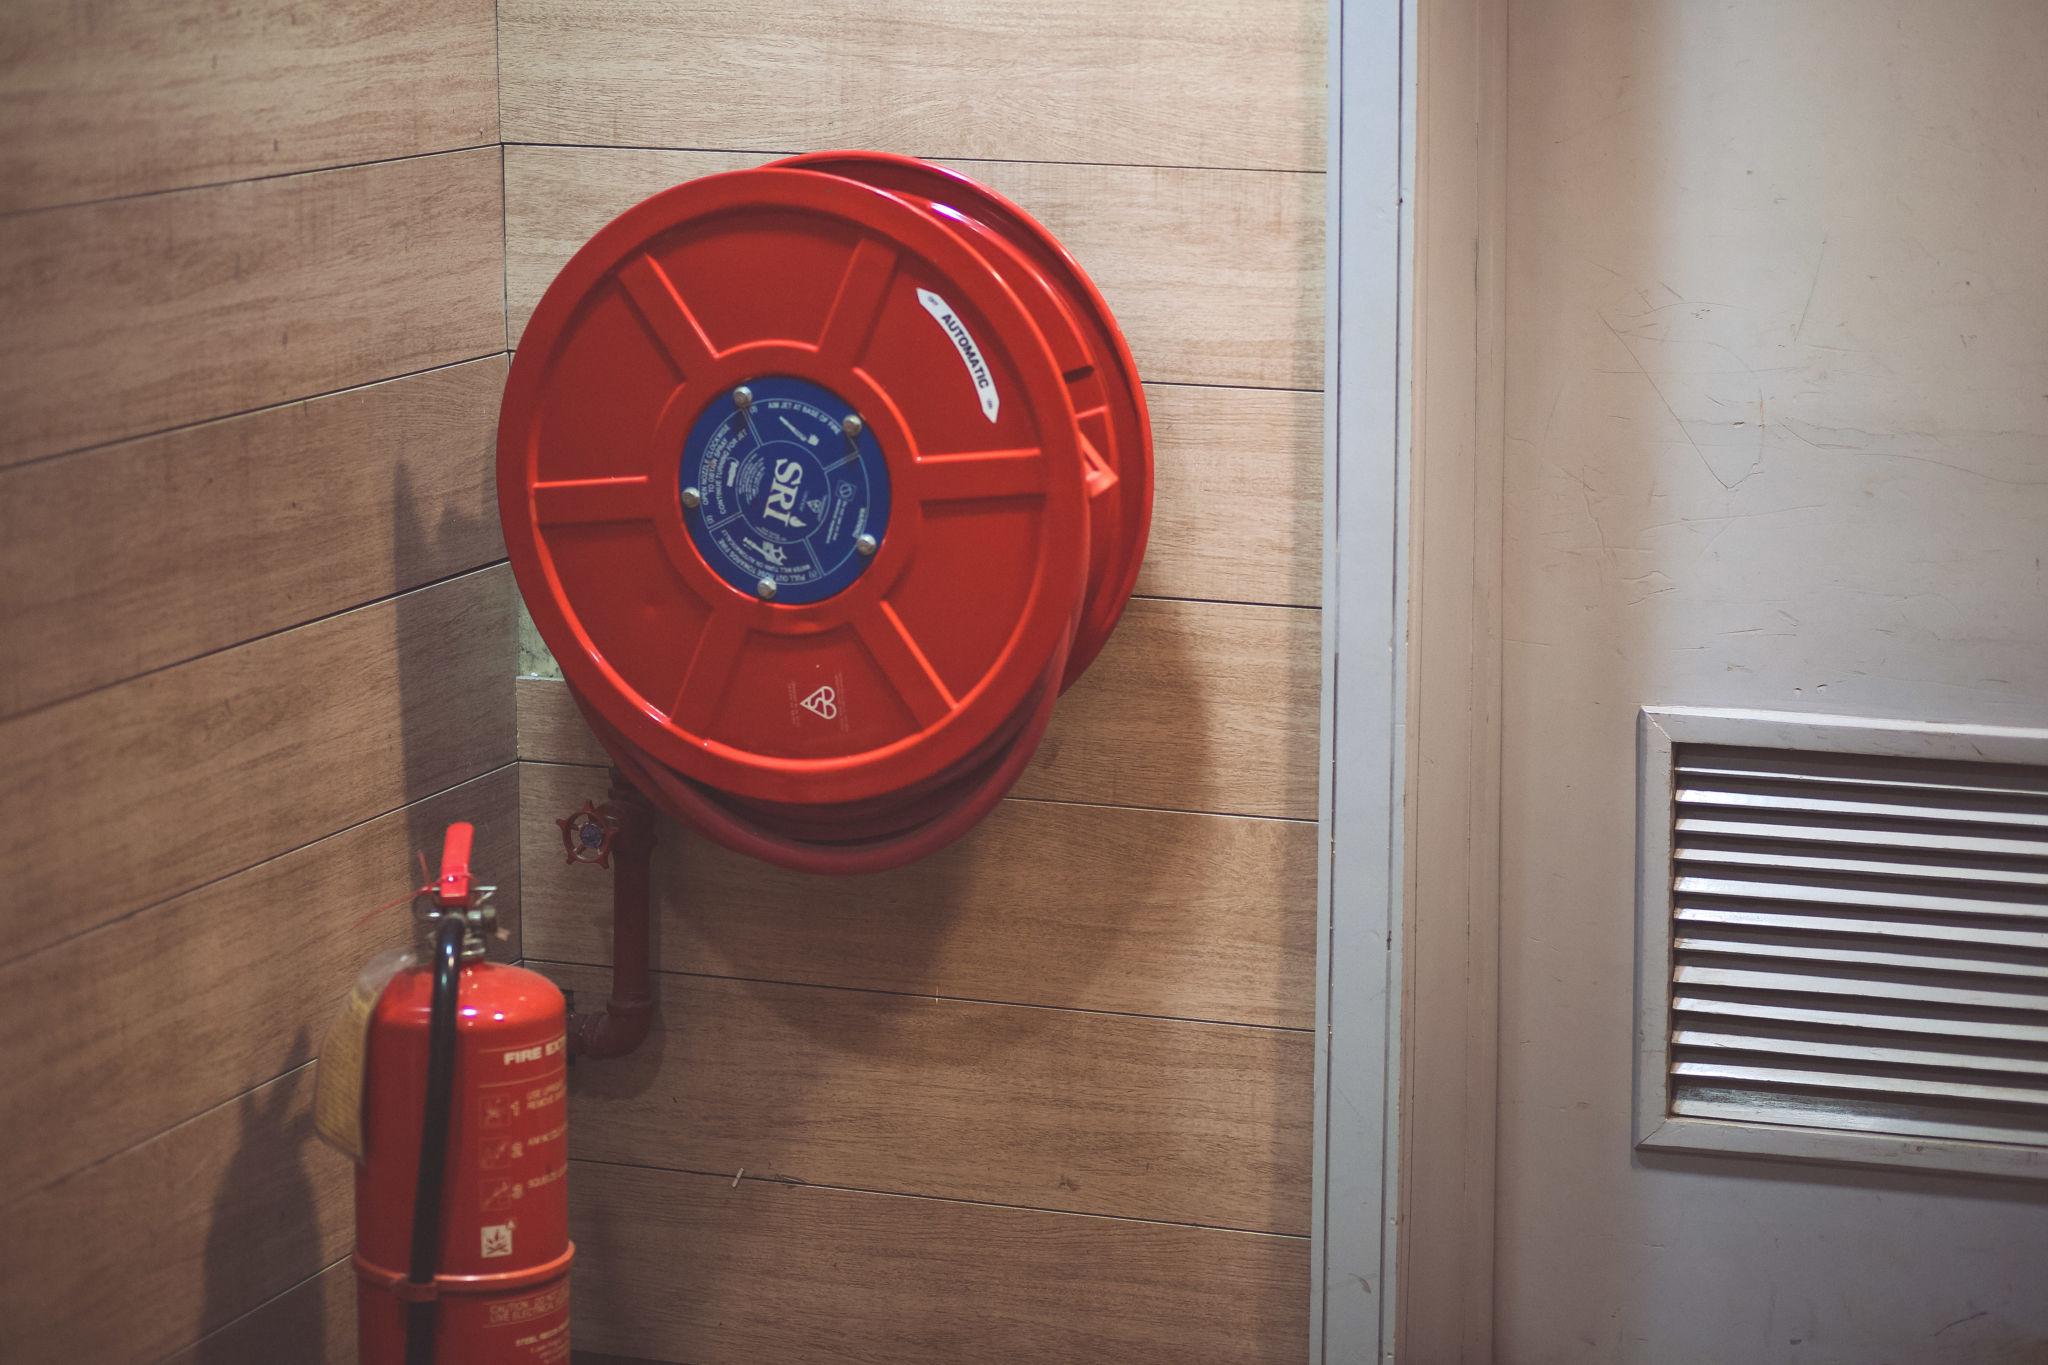 Zoom Les Nouvelles Regles De Securite Et Incendie Dans Les Magasins